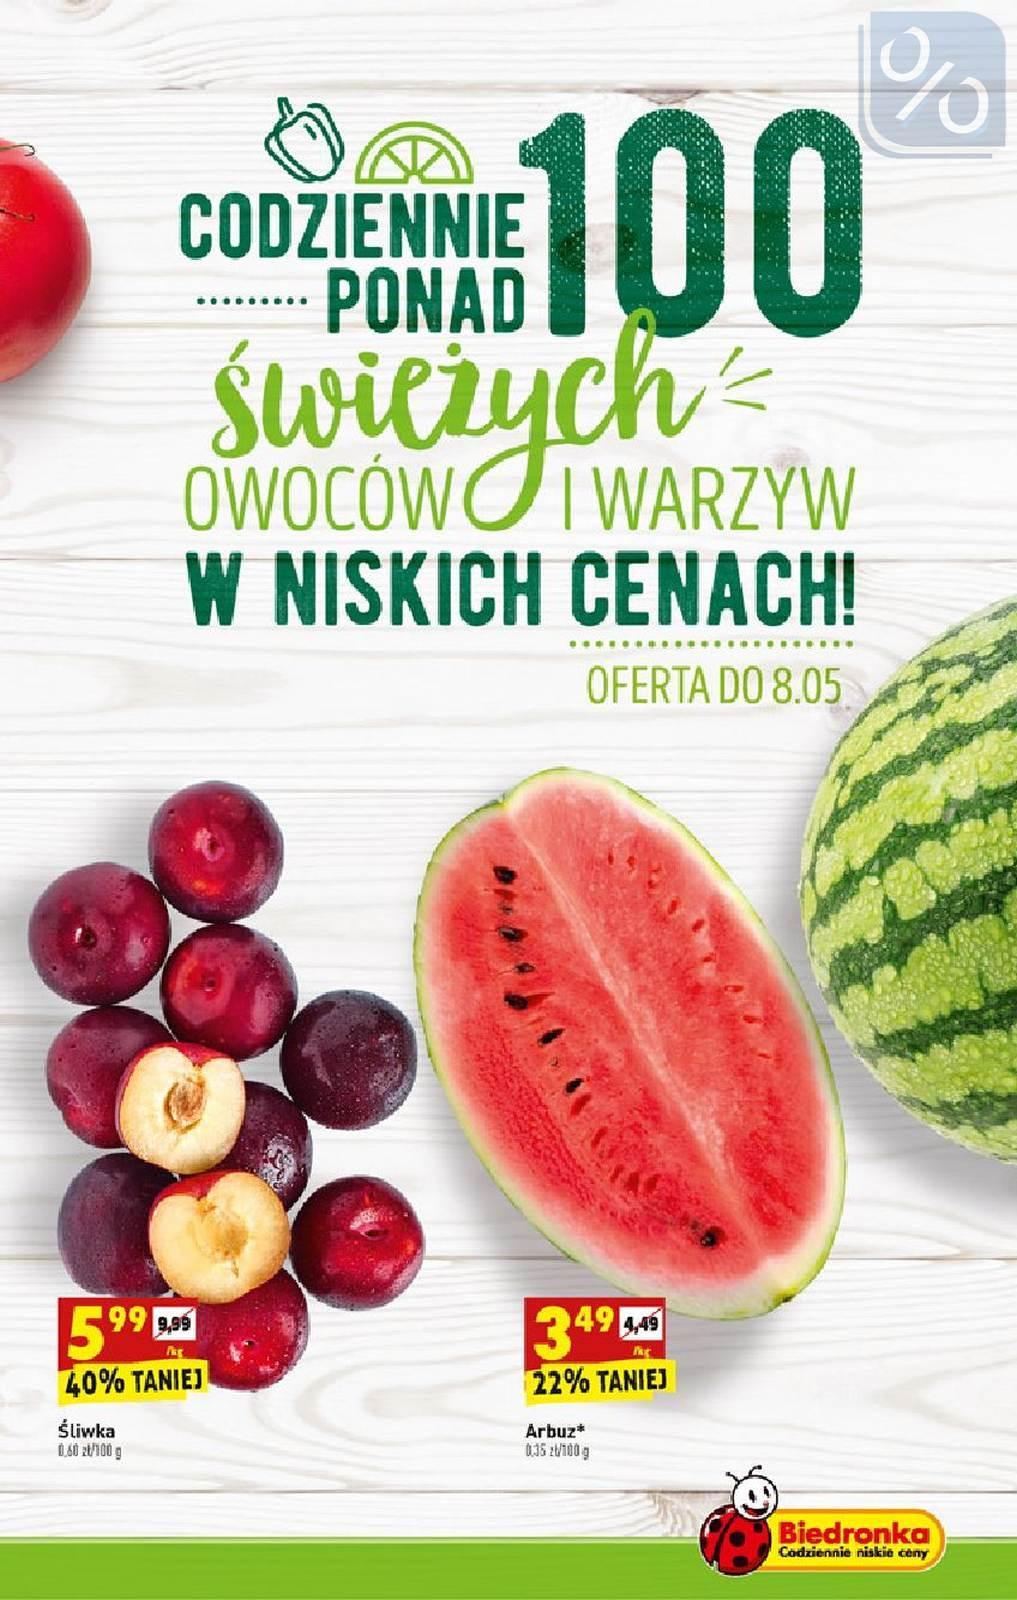 Gazetka promocyjna Biedronka do 12/05/2019 str.6